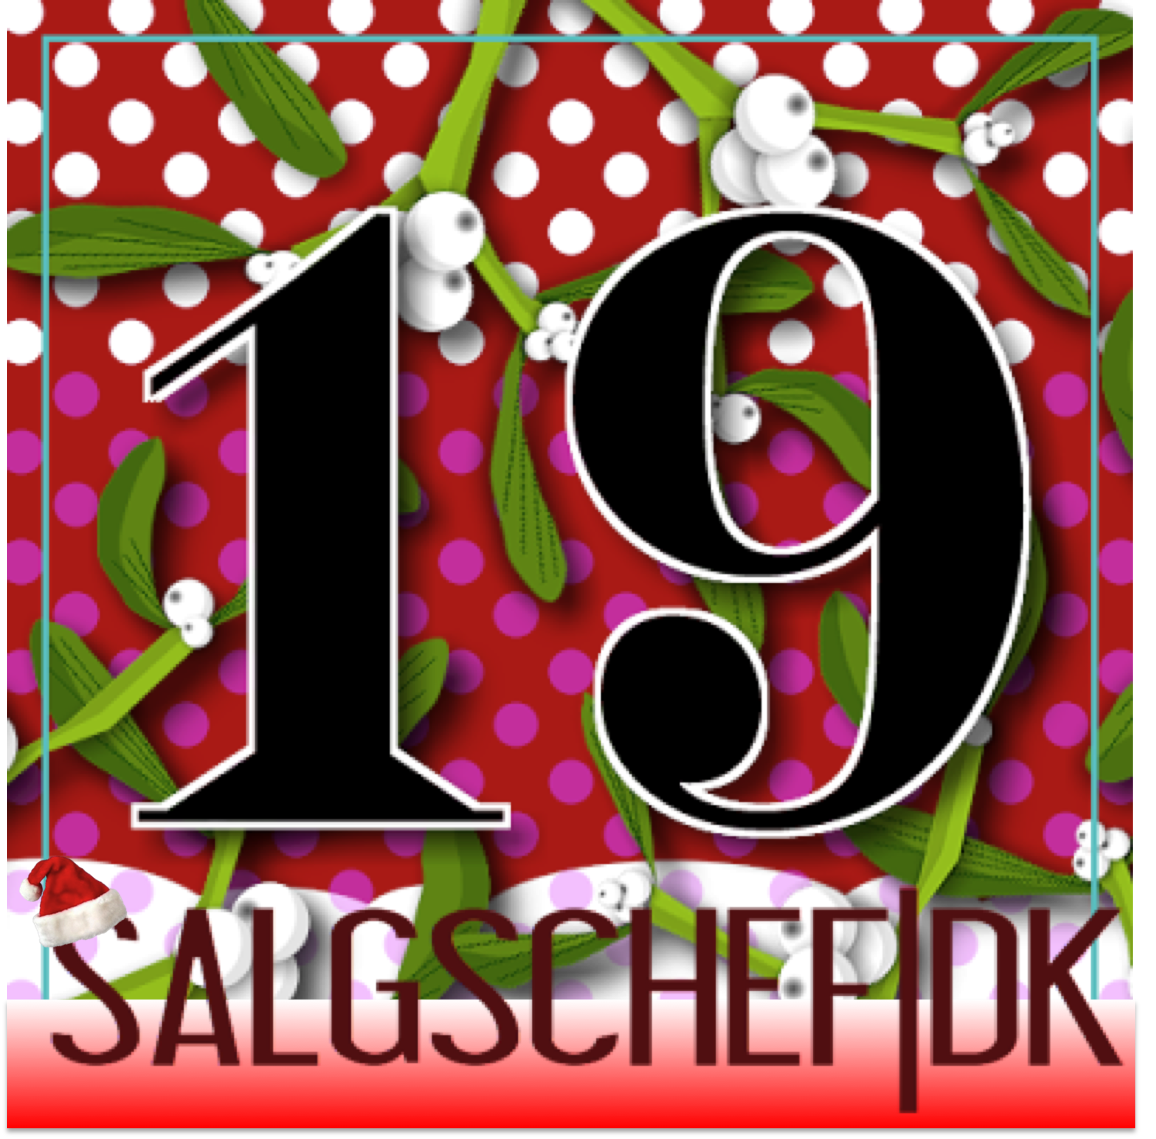 salgschef.dk julekalender 19 december